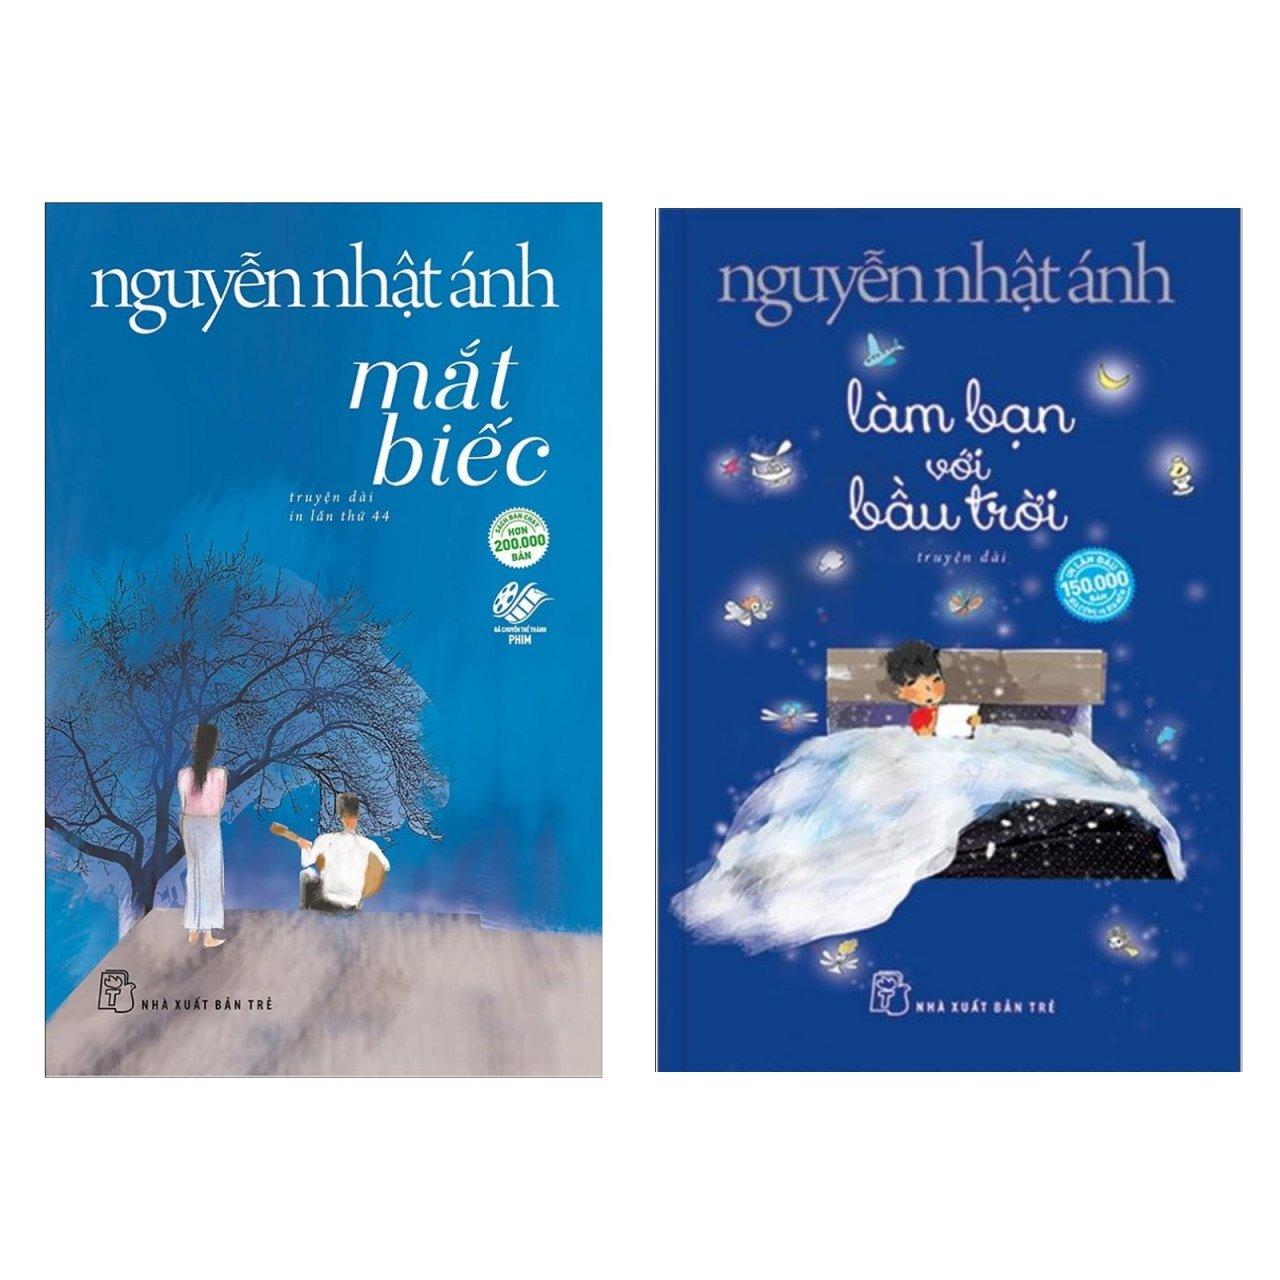 Combo Truyện Dài: Mắt Biếc + Làm Bạn Với Bầu Trời (Bộ 2 Cuốn Sách Mới Nhất Của Nguyễn Nhật Ánh - Tặng Kèm Bookmark Green Life)